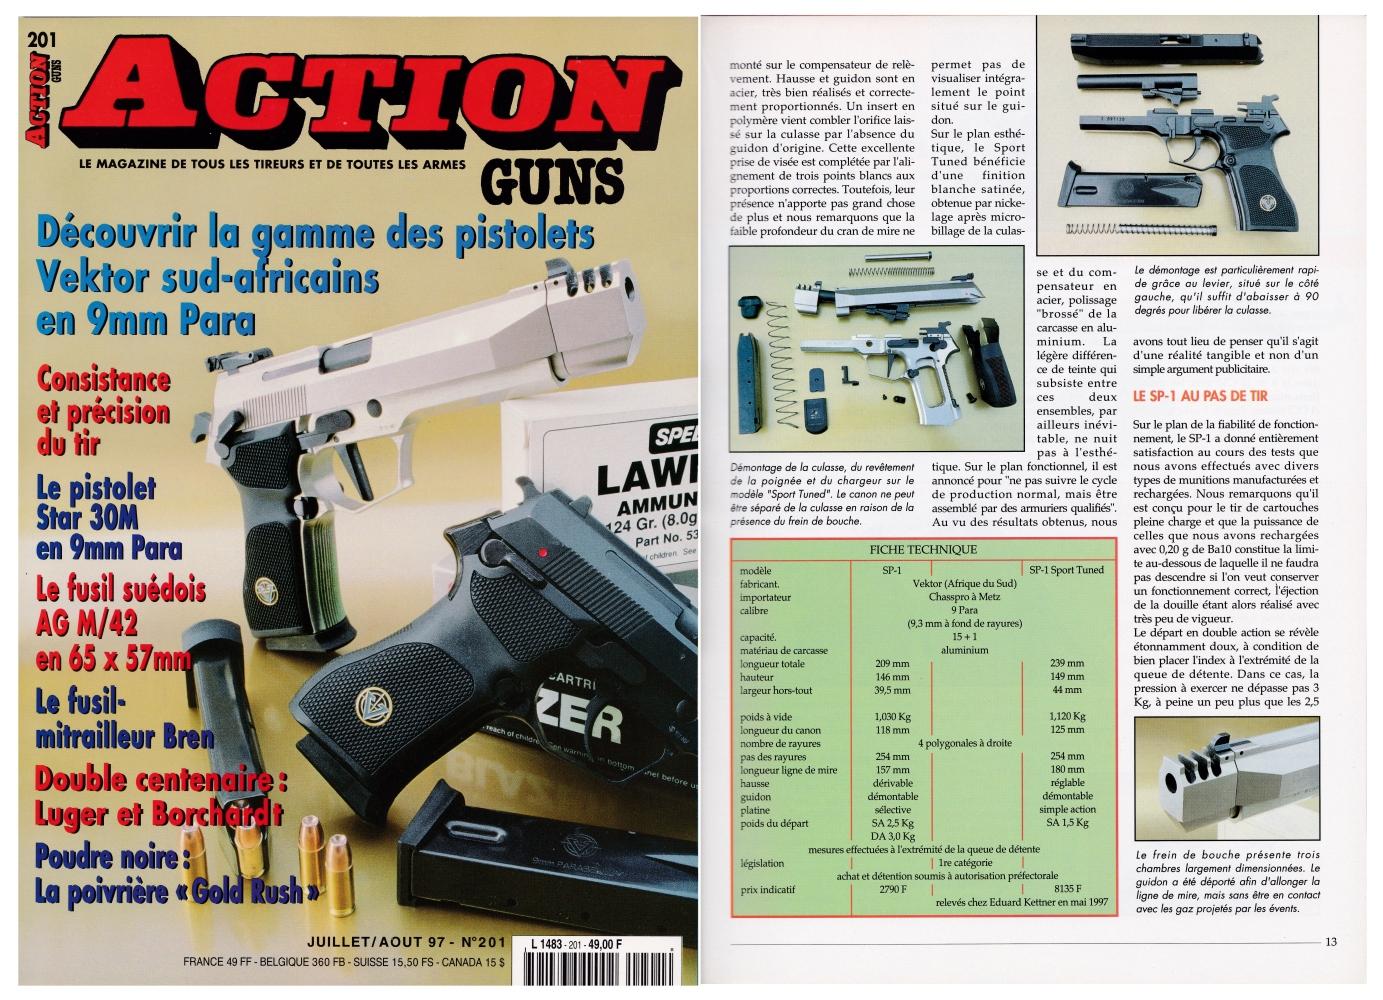 Le banc d'essai des pistolets Vektor SP-1 a été publié sur 7 pages dans le magazine Action Guns n°201 (juillet-août 1997)